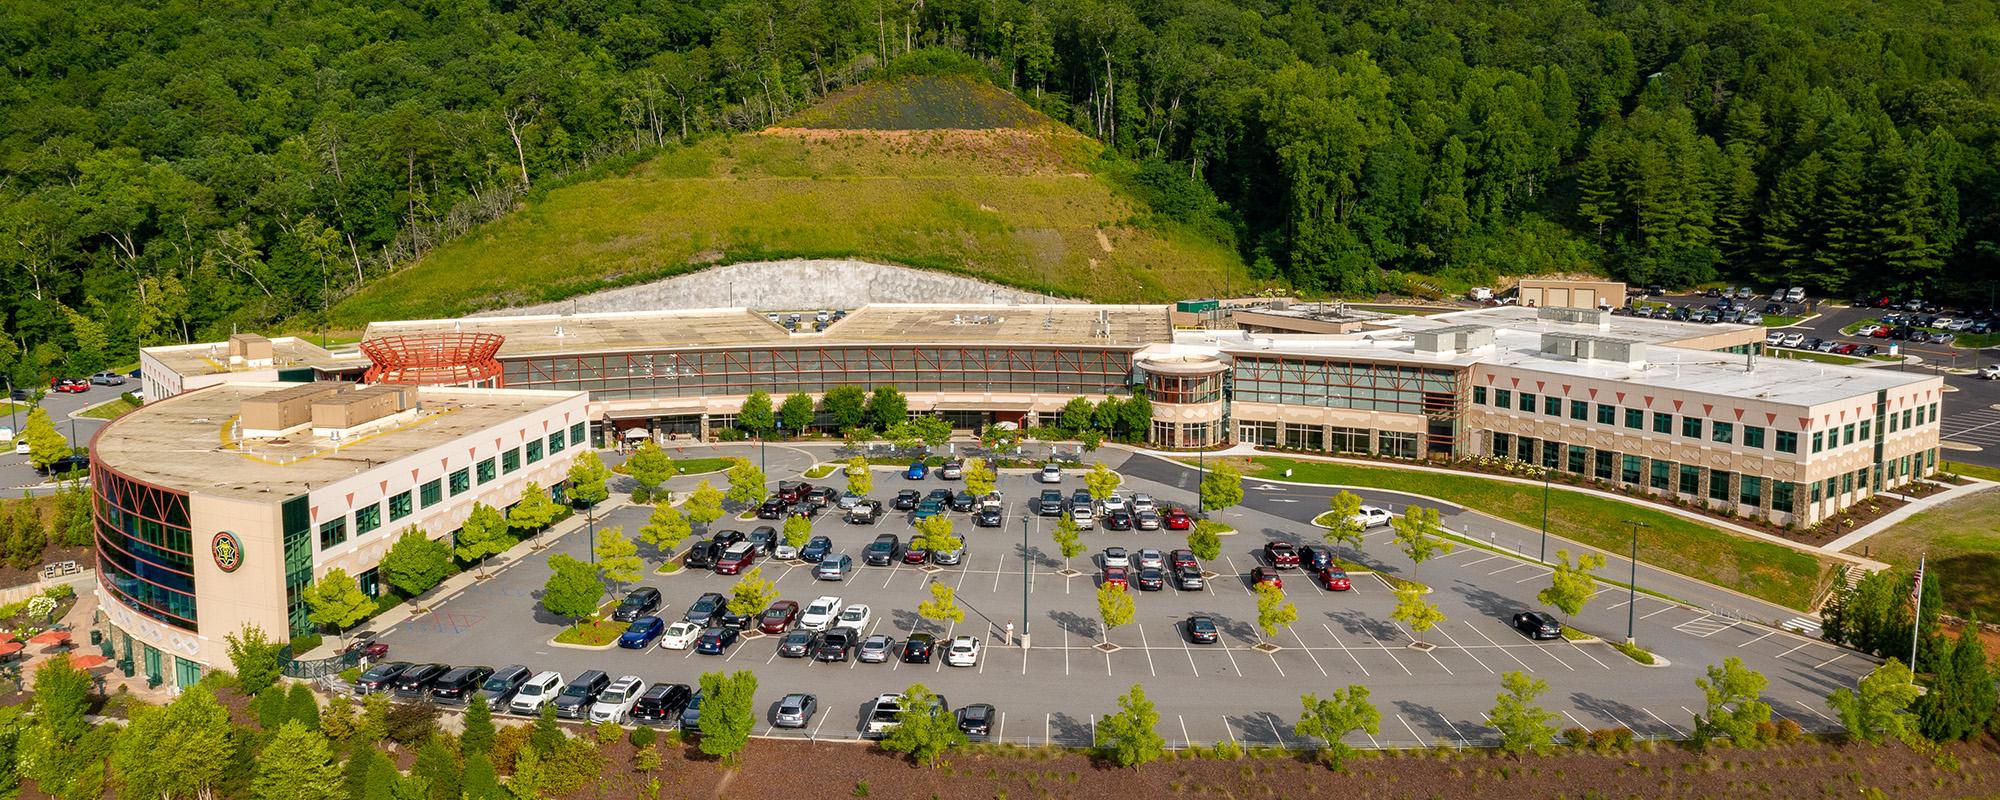 hospital campus aerial